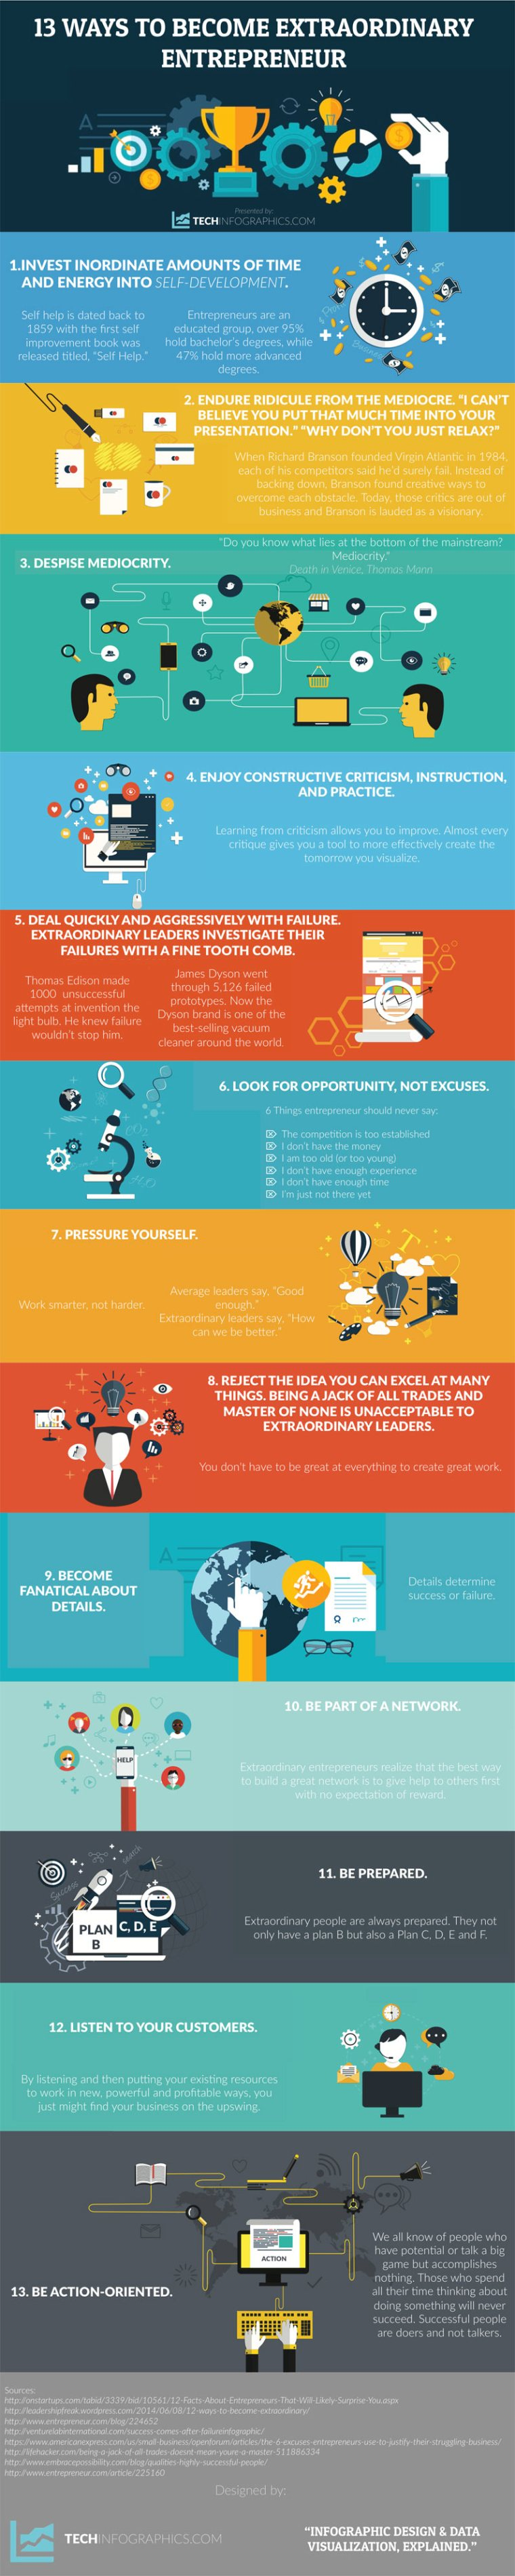 Extraordinary entrepreneur infographic